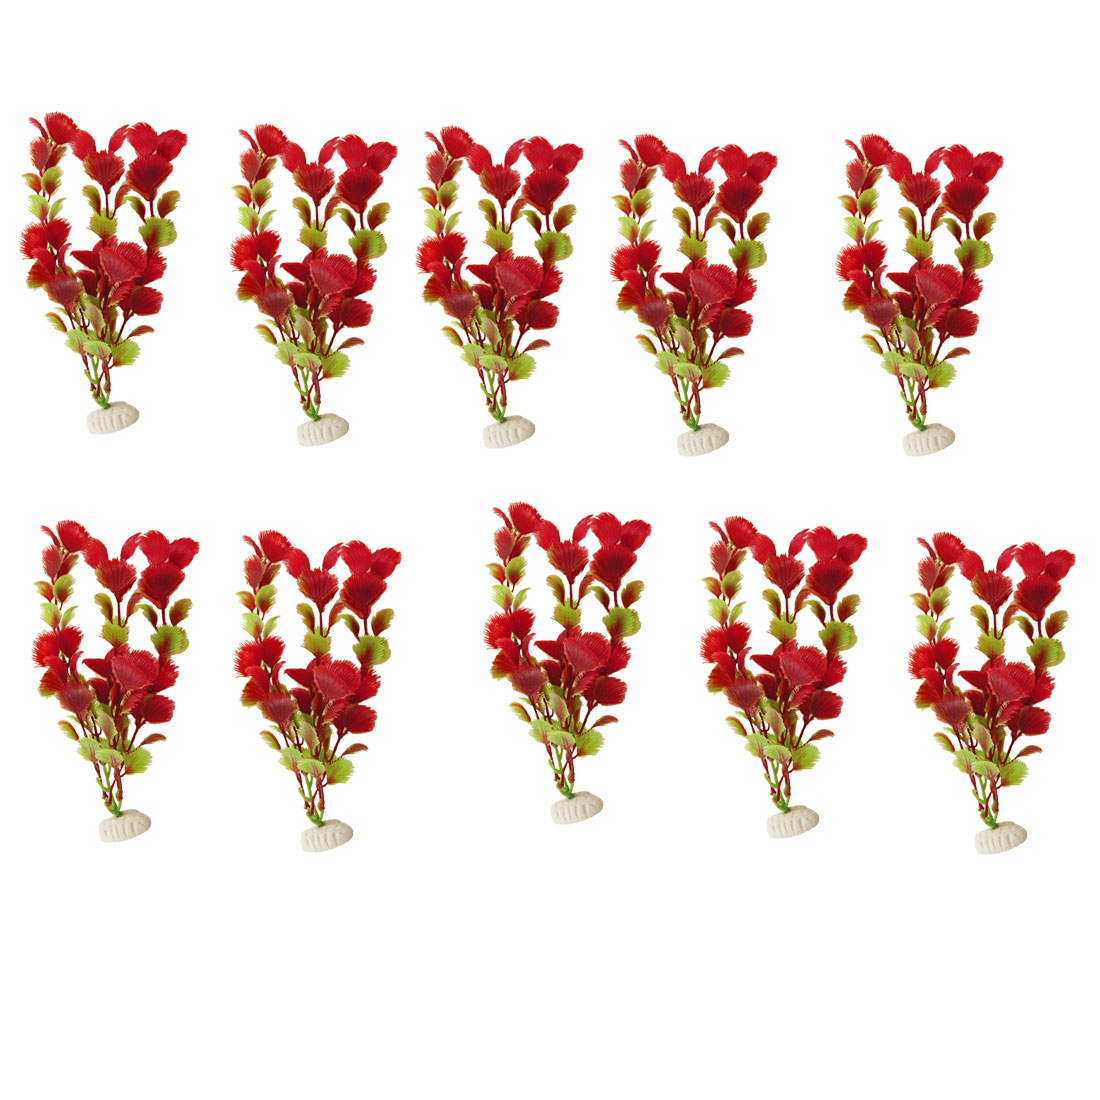 10 Pcs Aquarium Green Red Artificial Plastic Plant Ornament